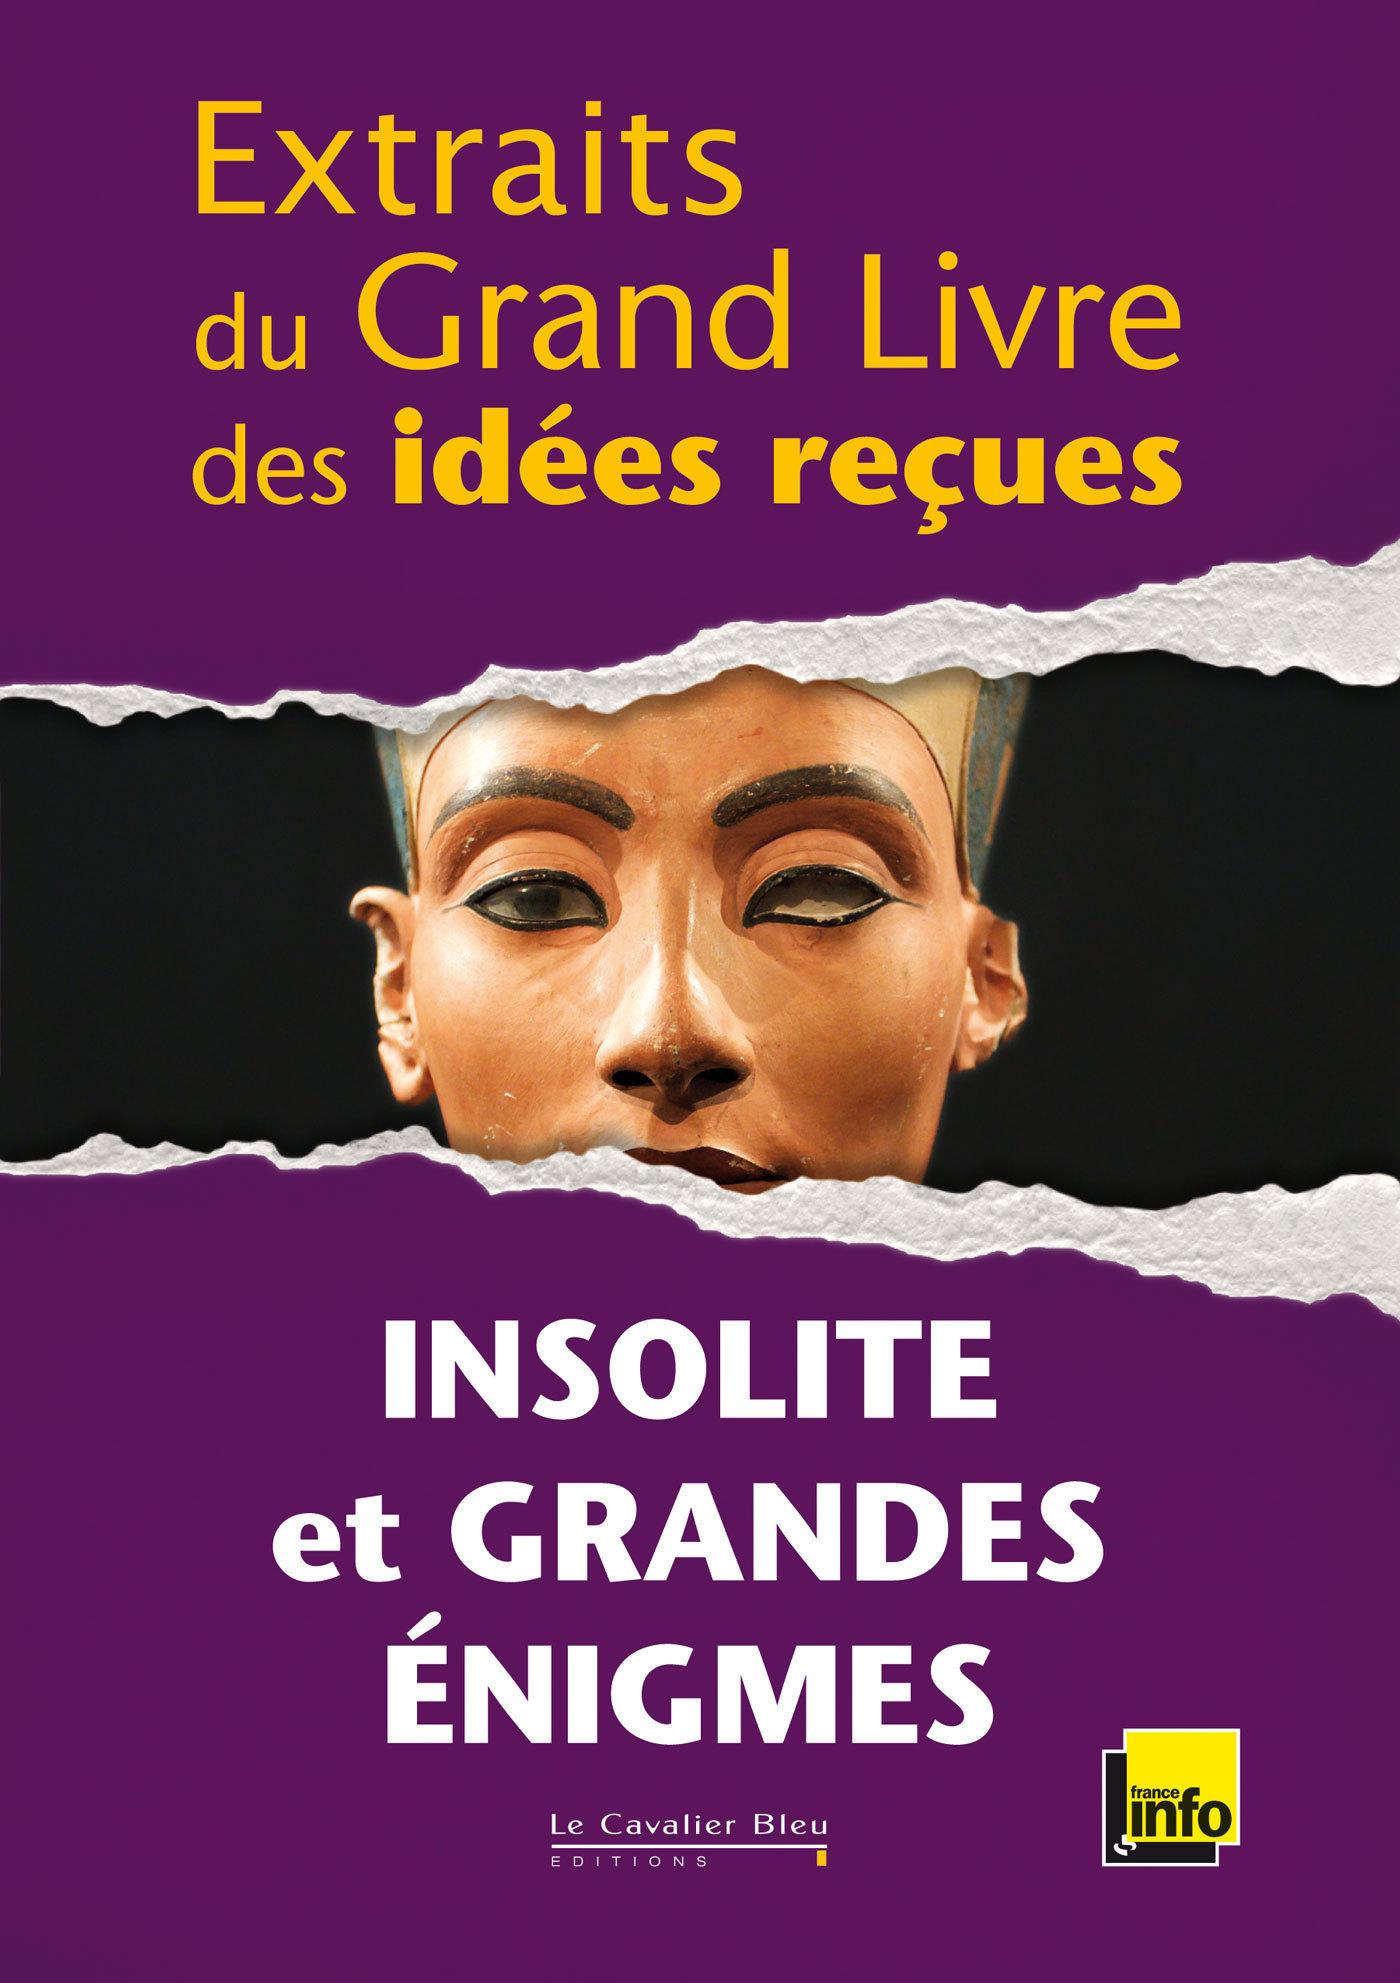 EXTRAITS DU GRAND LIVRE DES IDEES RECUES - INSOLITE ET GRANDES ENIGMES